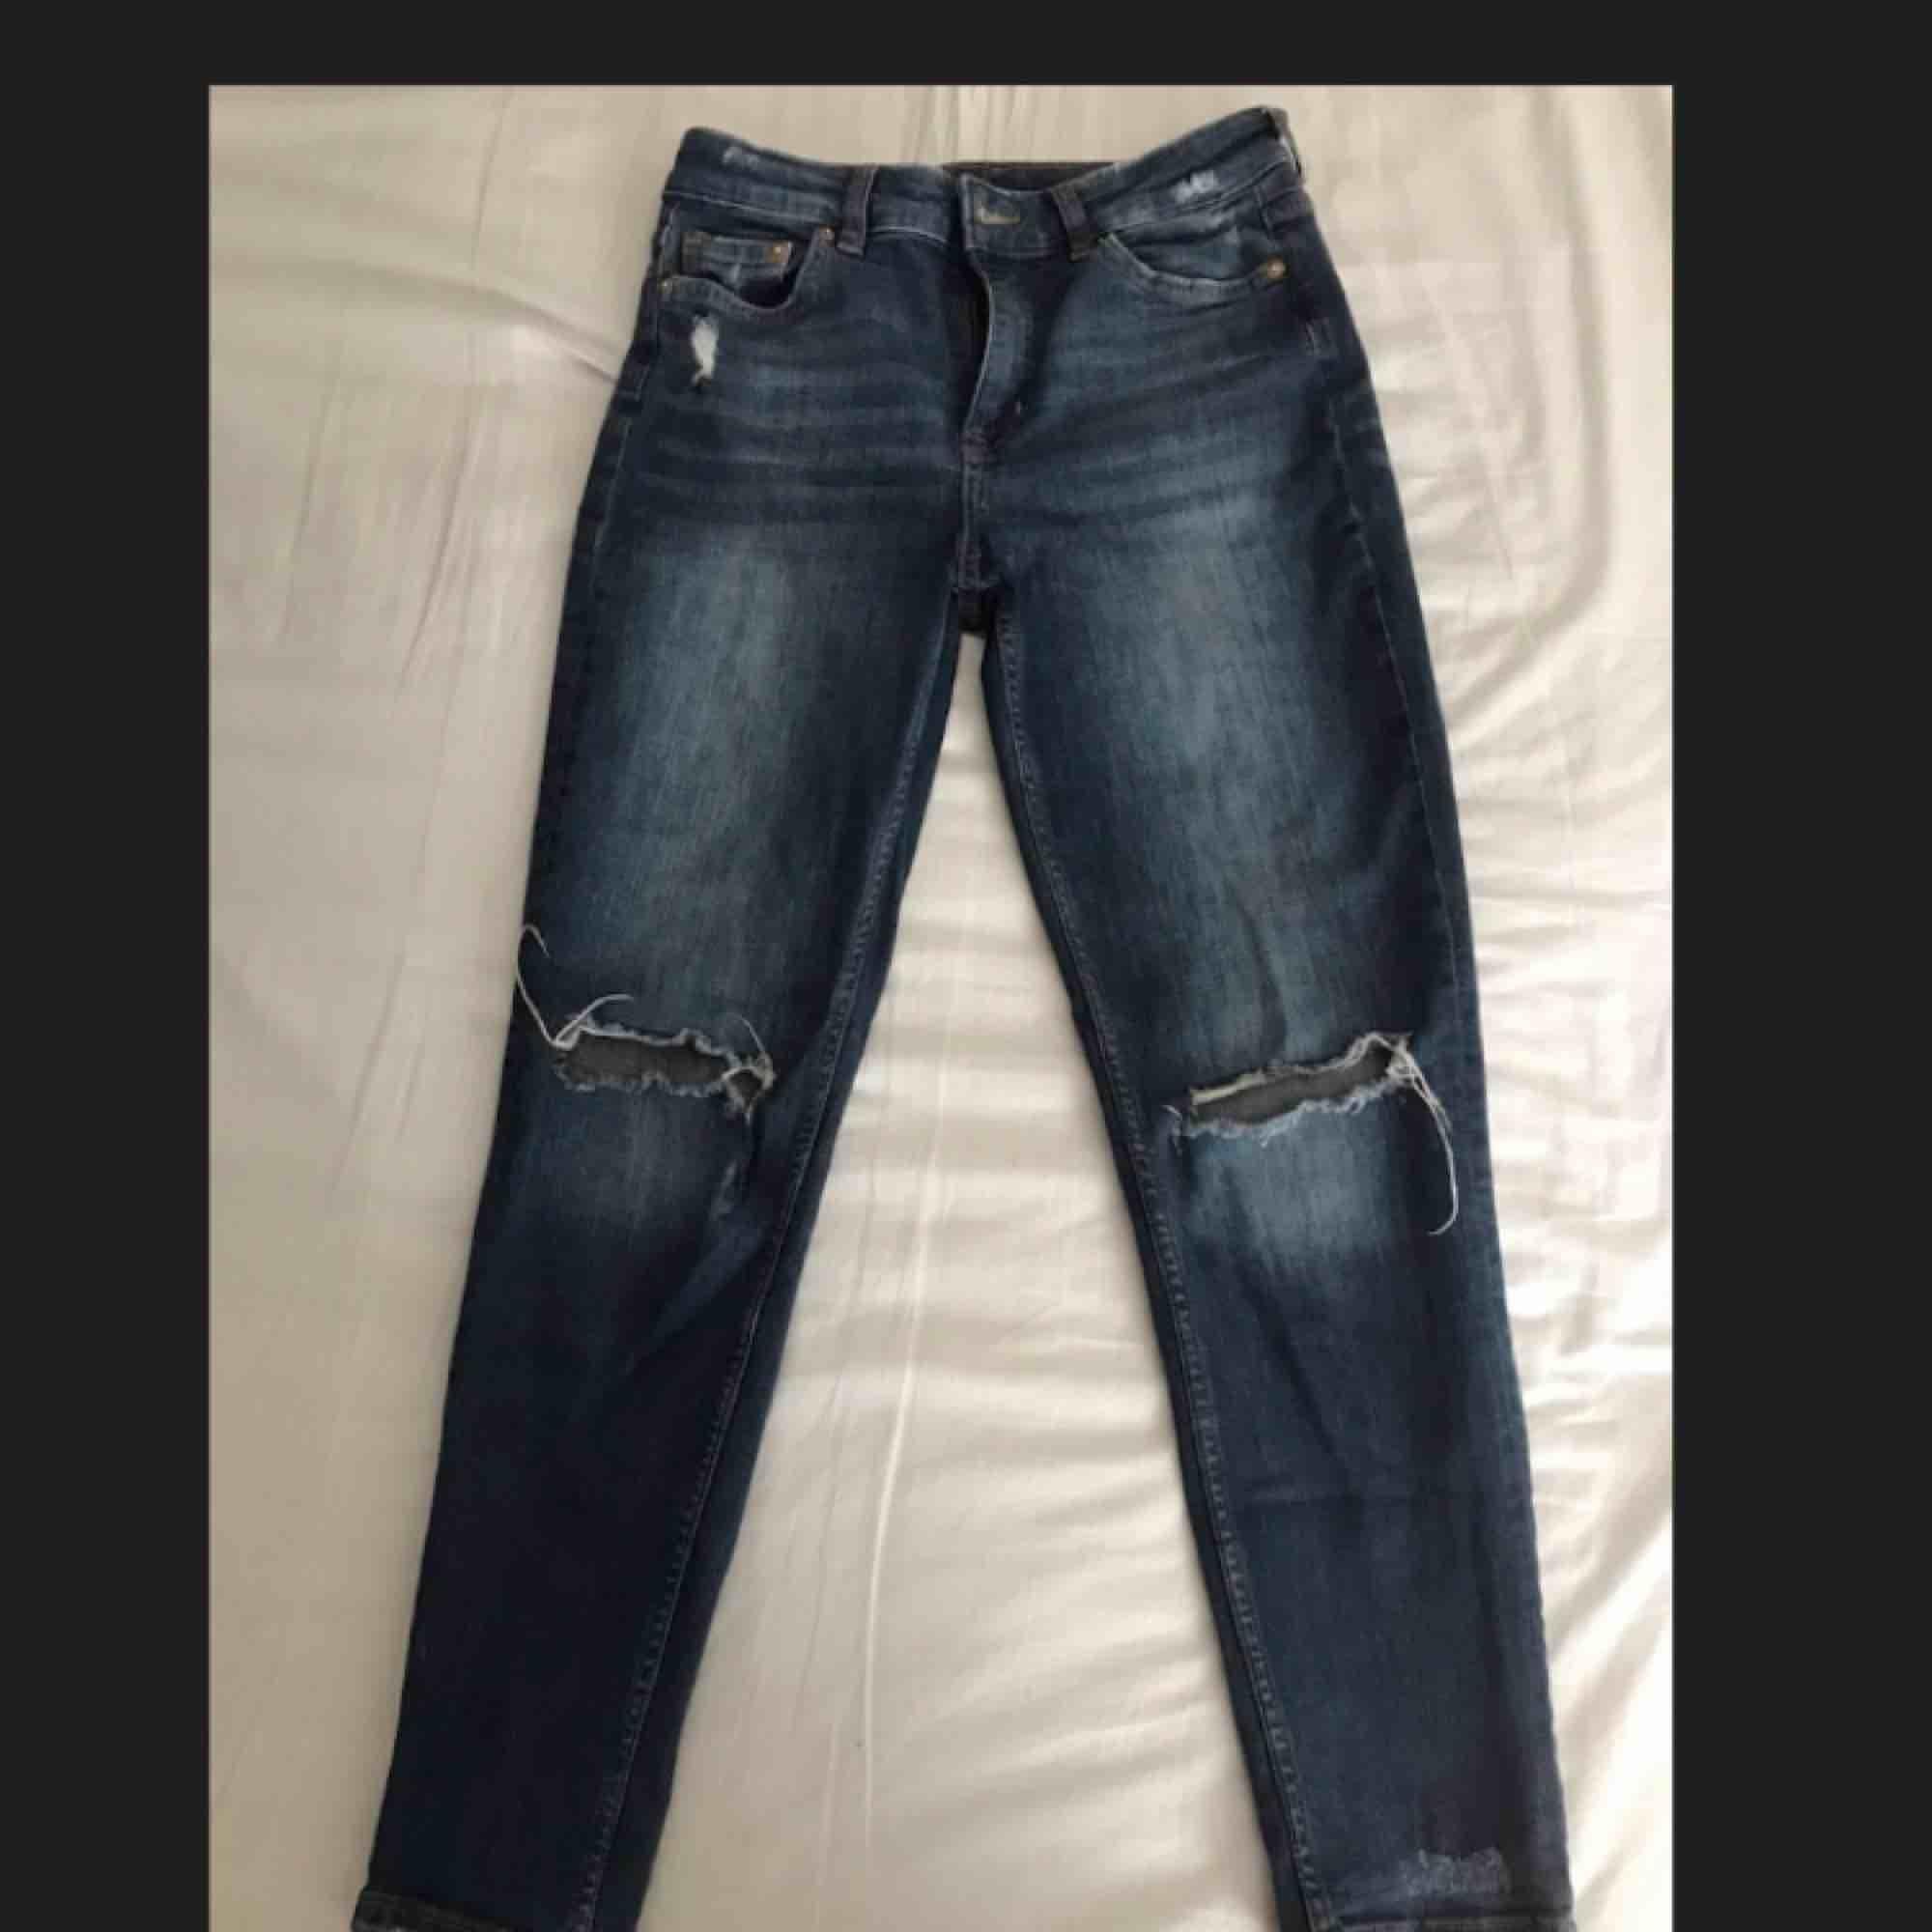 Supersnygga jeans från HM. Använda men fortfarande i bra skick. Ena hålet på knät har dock spruckit lite (se sista bilden) men det är fortfarande ett par supersnygga jeans. Säljes pga att de är för små för mig. Köparen står för frakten.. Jeans & Byxor.